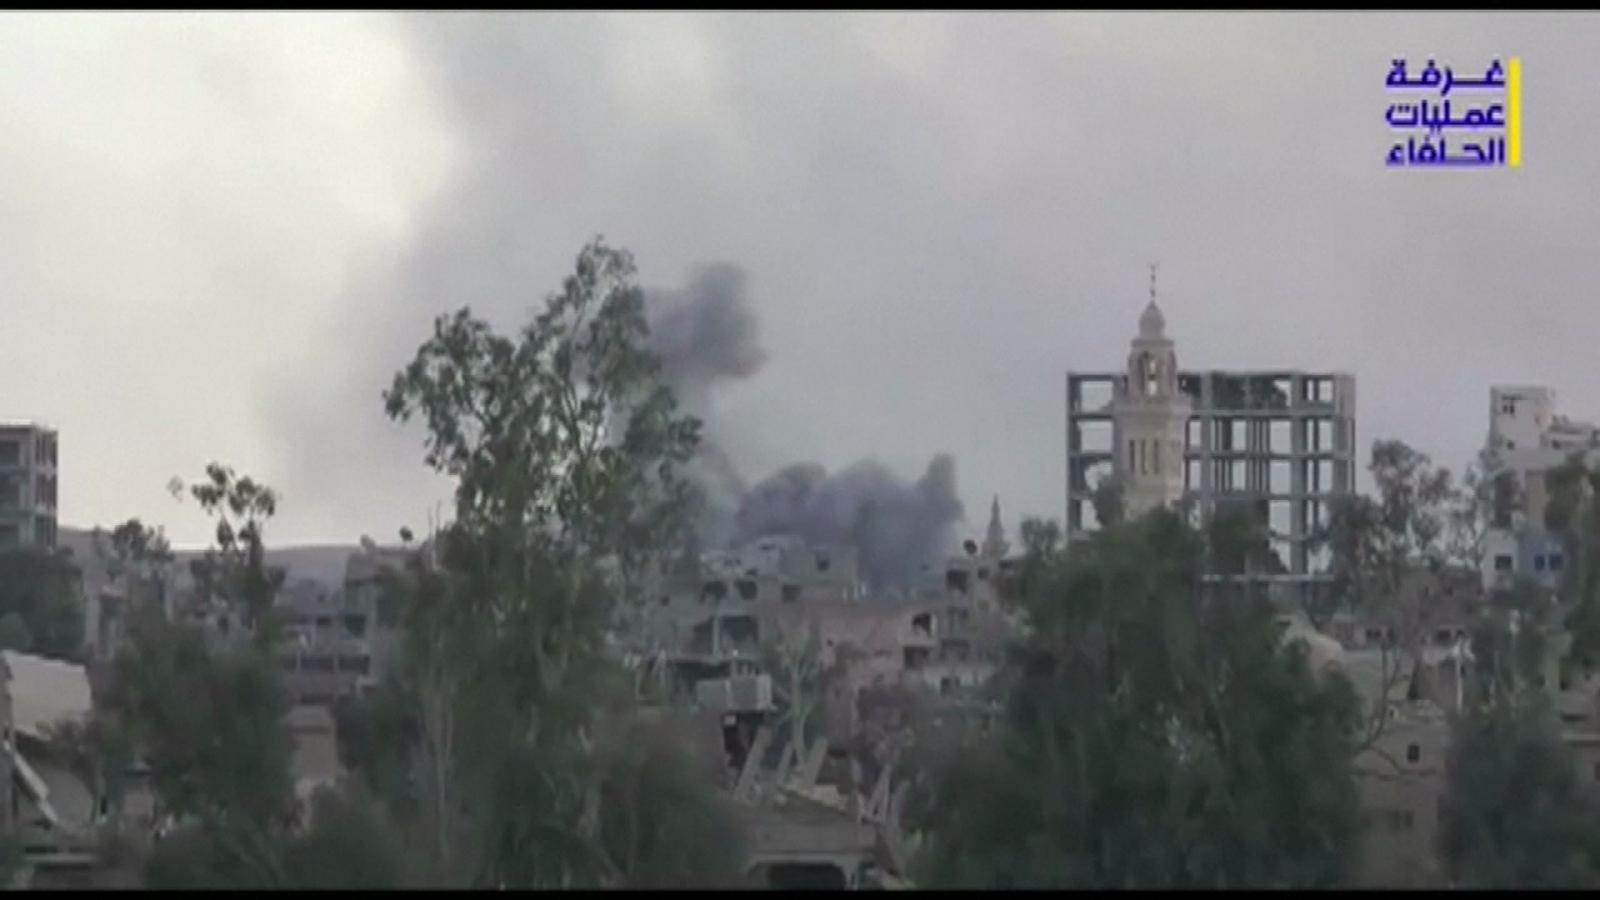 กองทัพซีเรีย ยึดที่มั่นสุดท้ายของกลุ่มไอเอสสำเร็จ